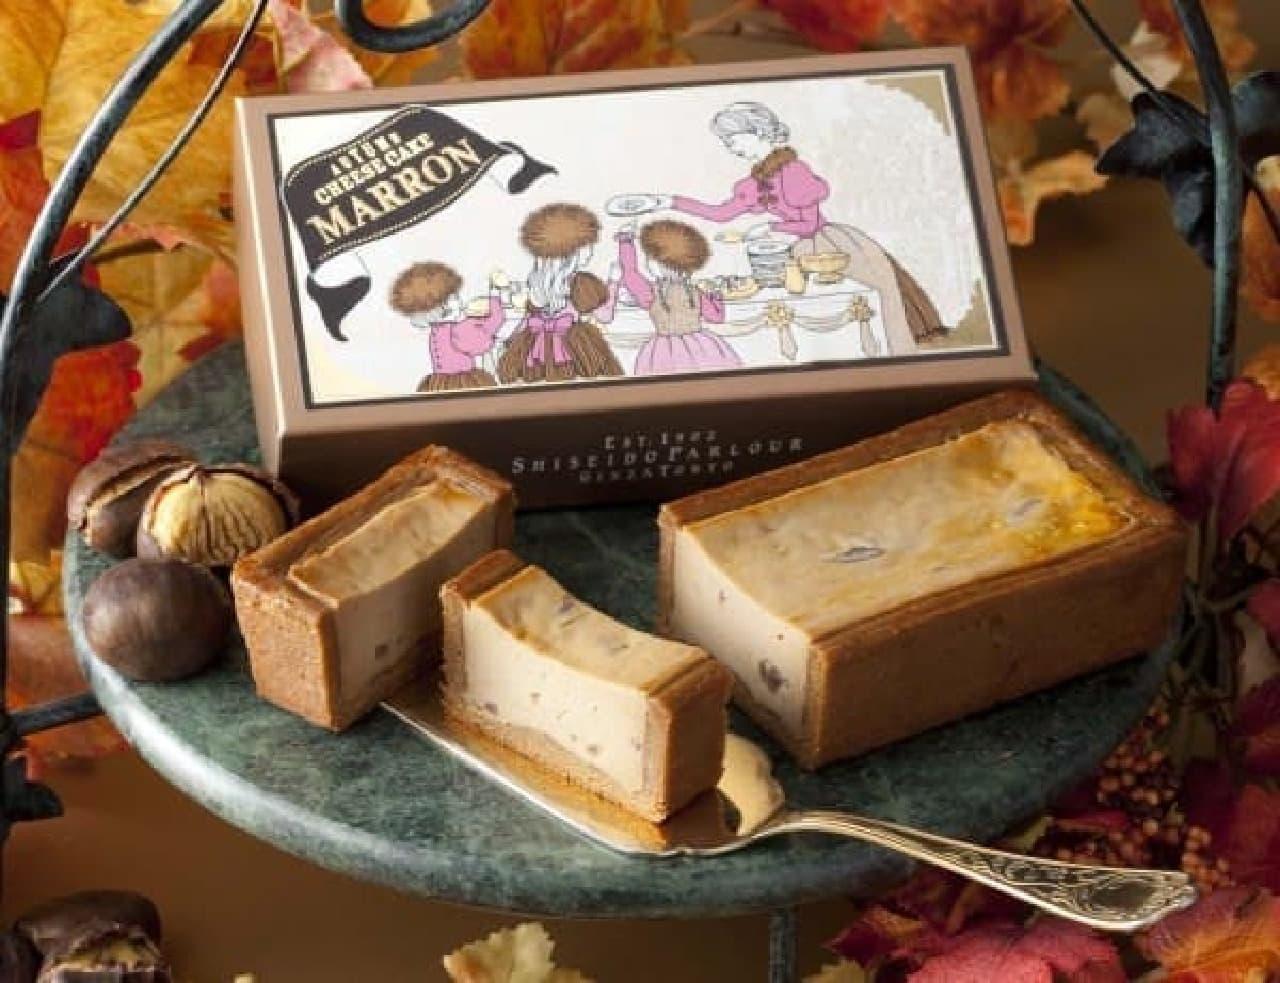 箱も可愛い!手土産によさそう  「秋の手焼きチーズケーキ(マロン)」